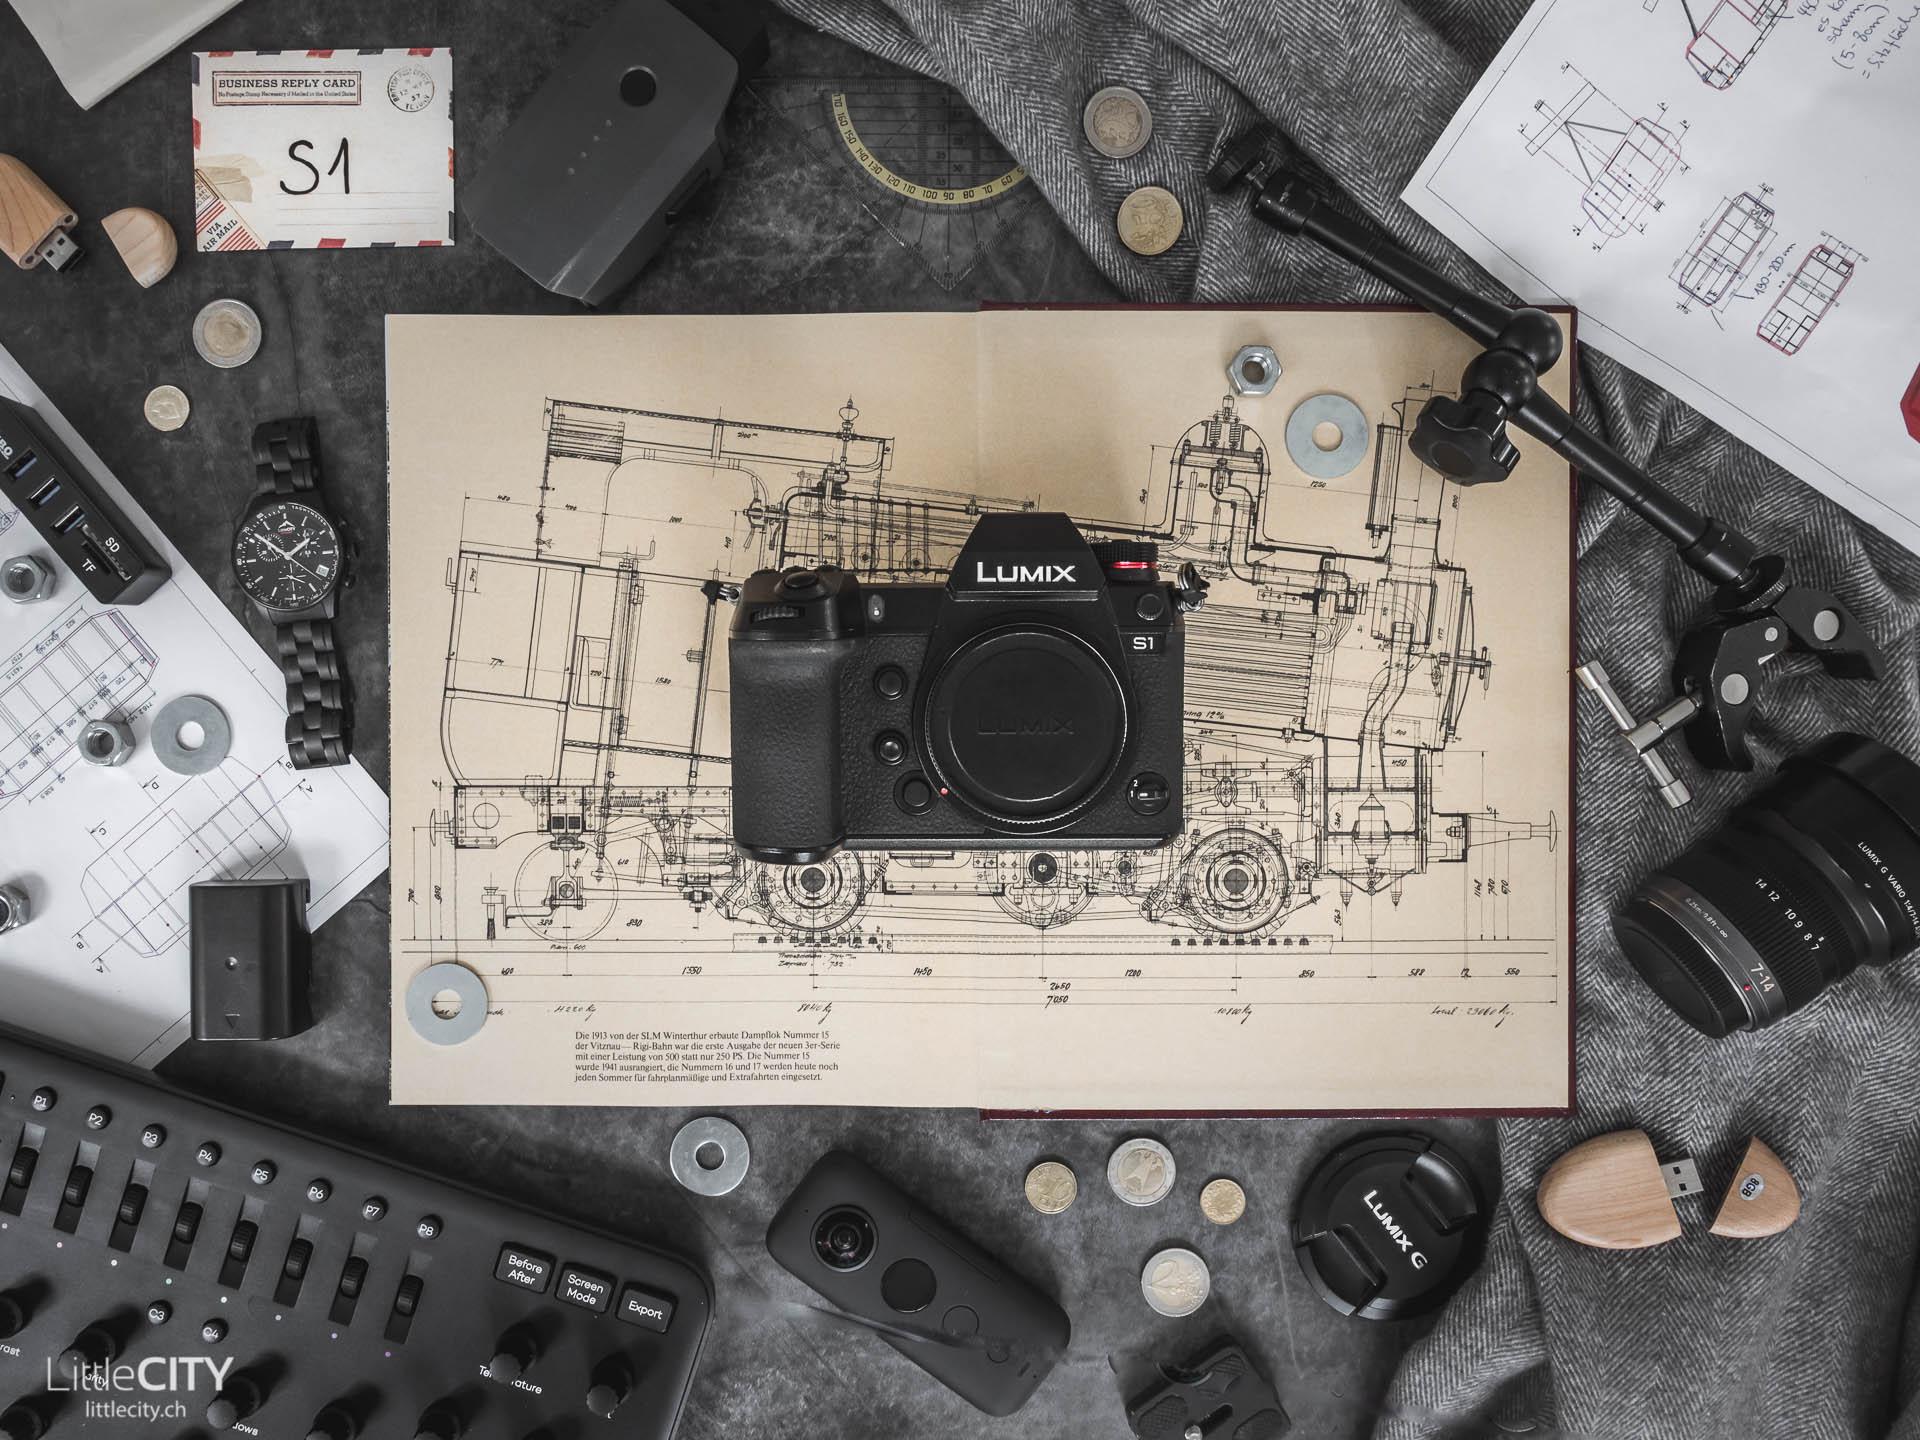 Lumix S1 Reiseblogger Fotoausrüstung